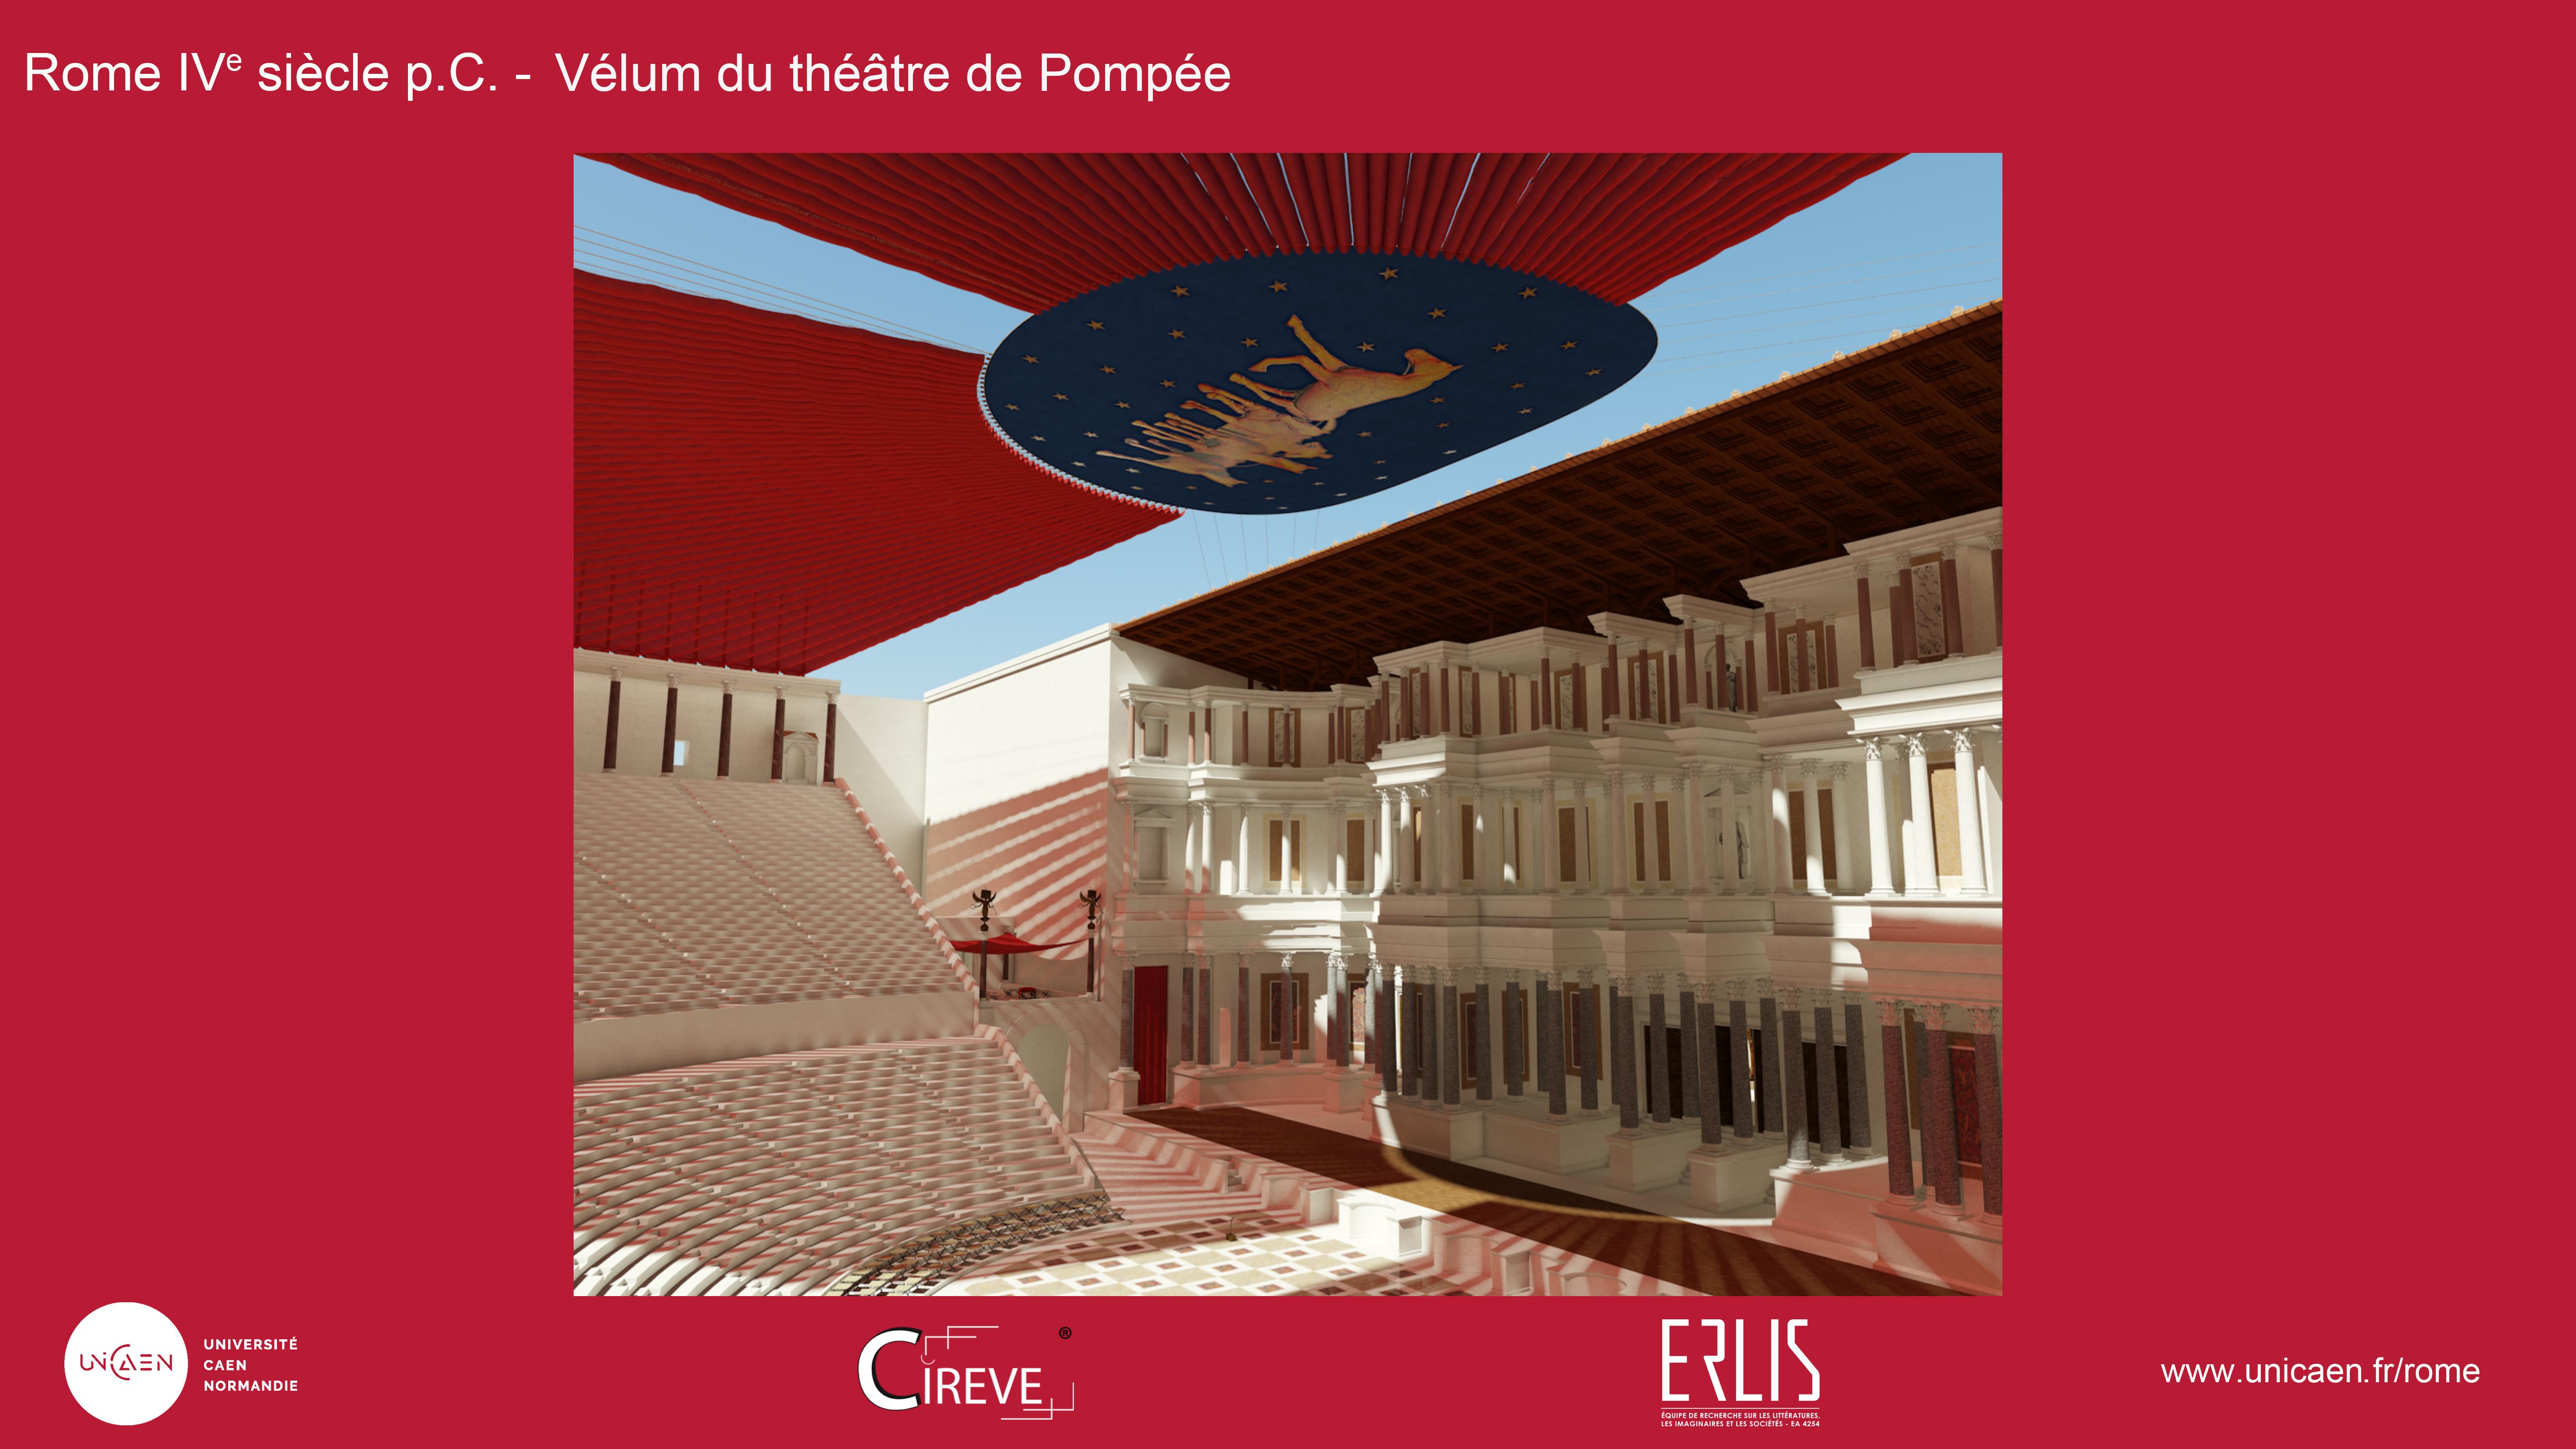 Vélum du théâtre de Pompée